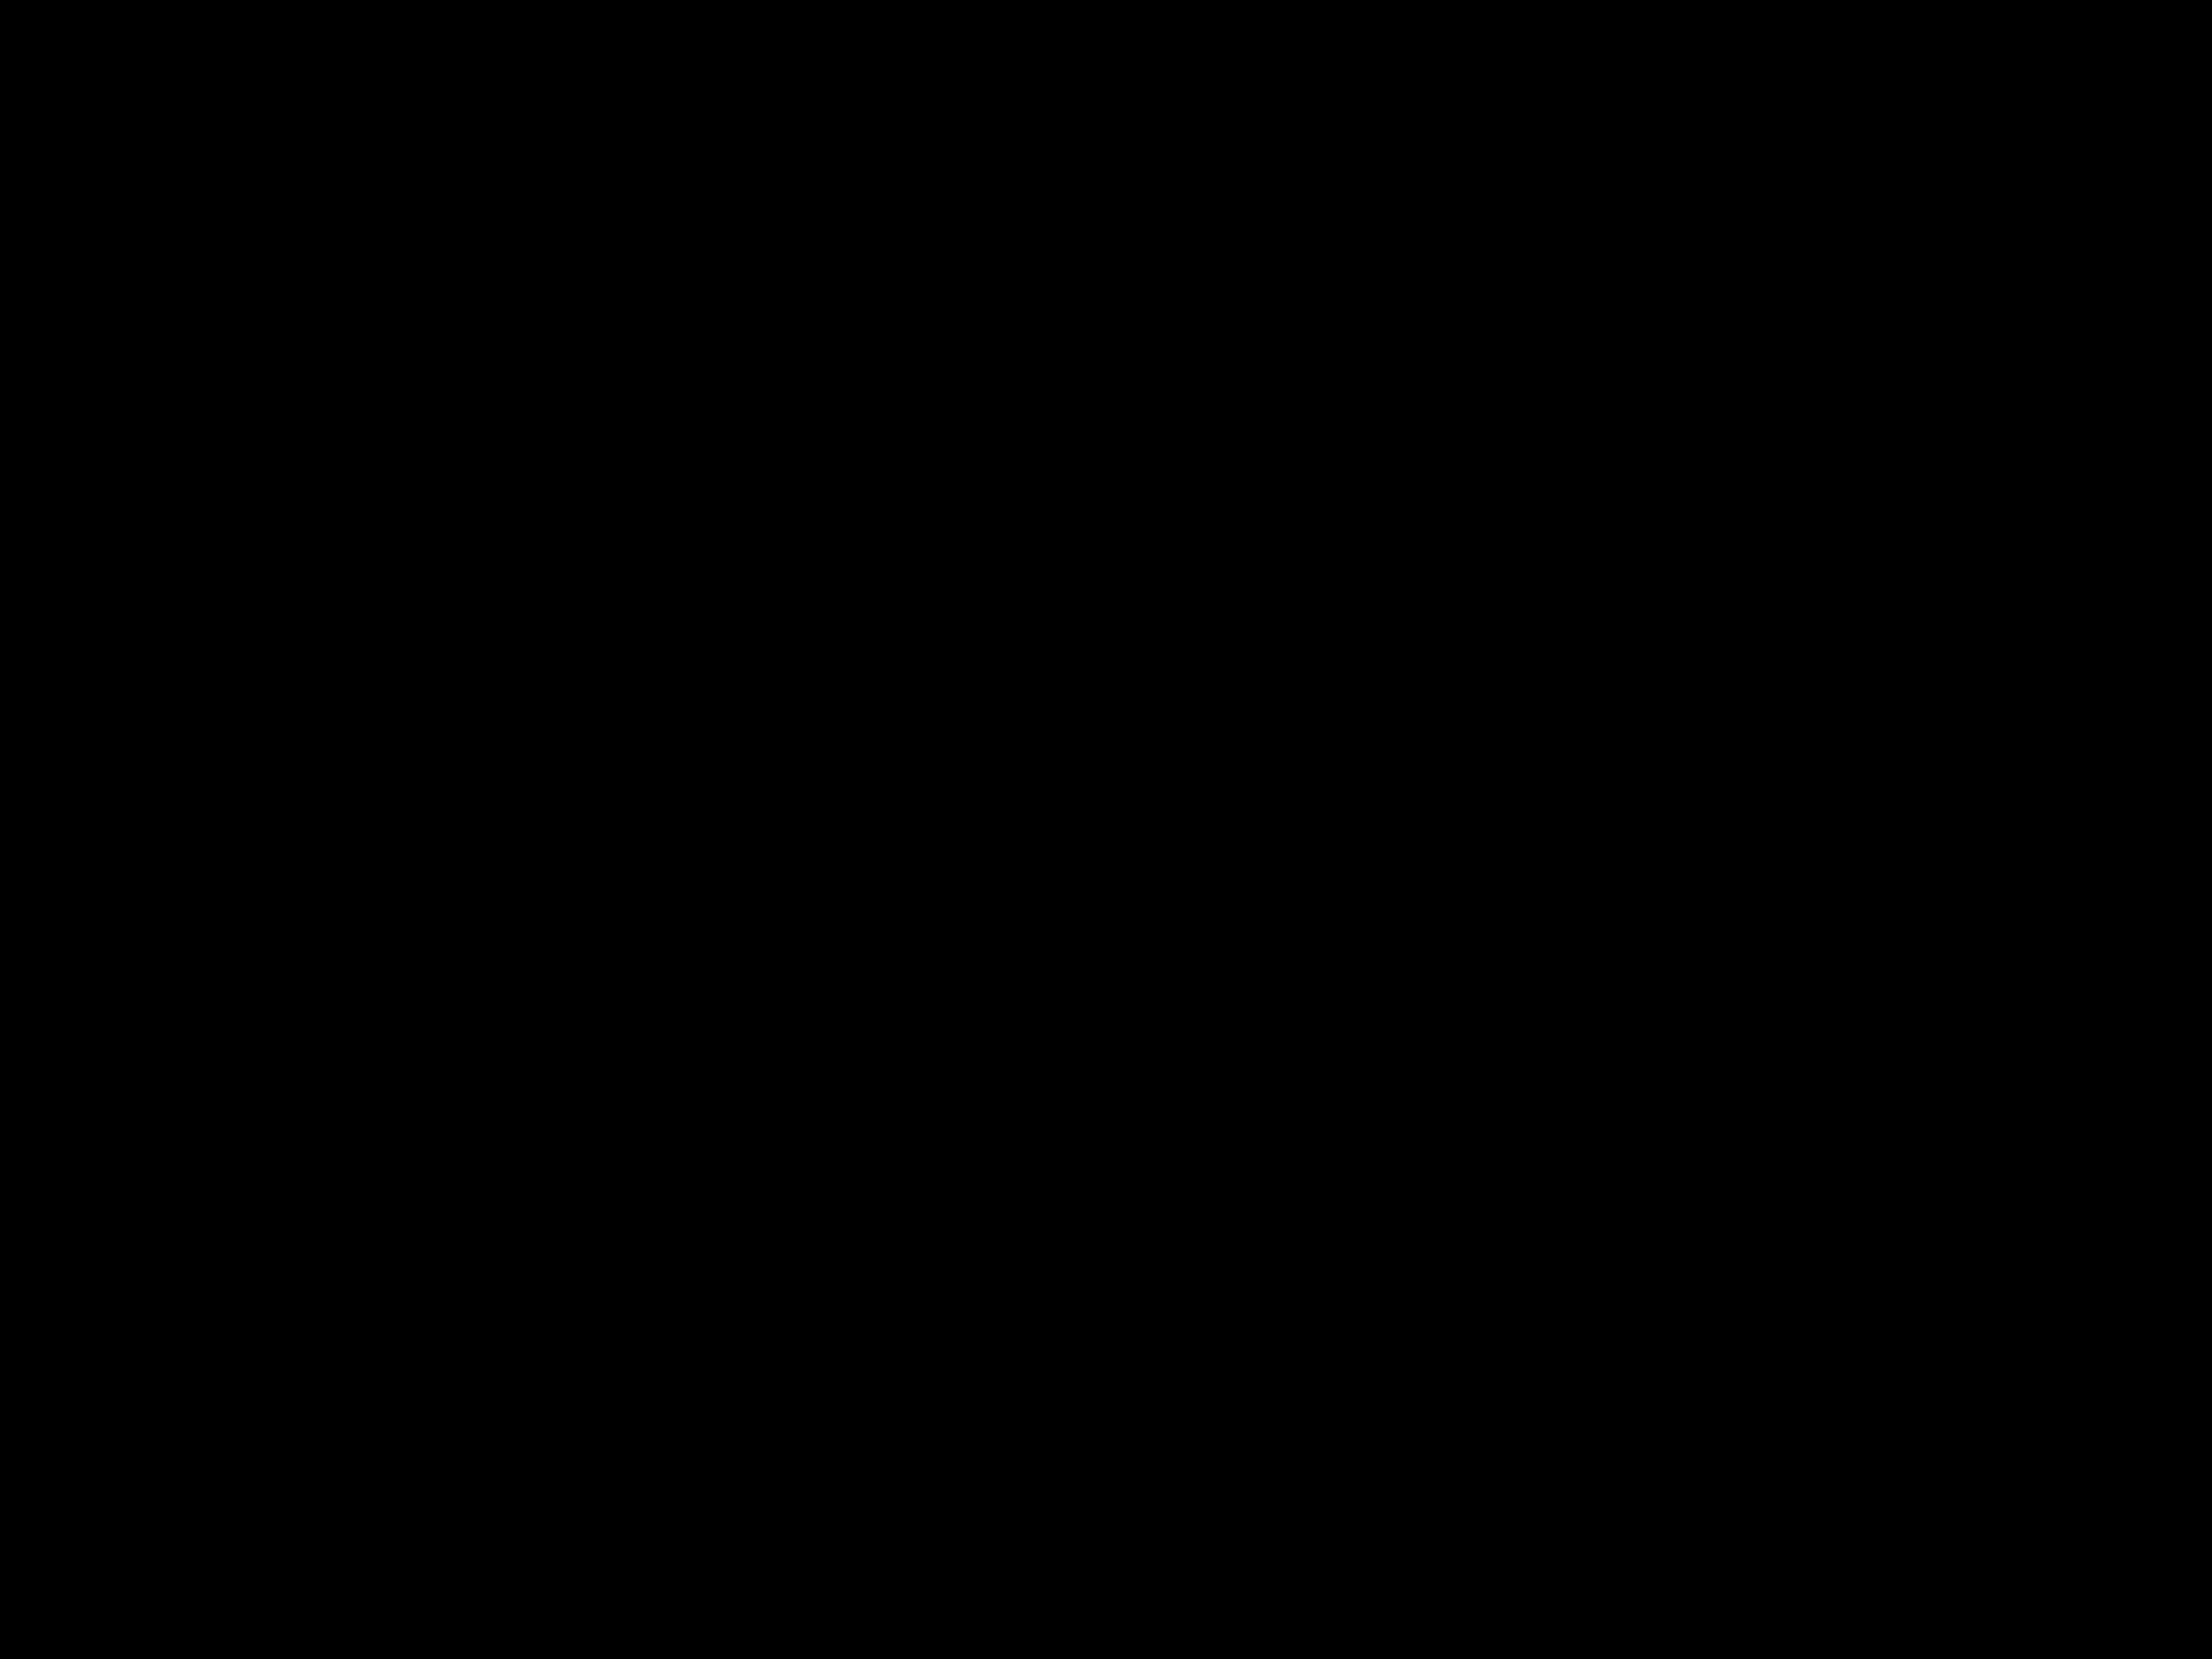 Šv. Jokūbo kelio jaunųjų ambasadorių estafetė